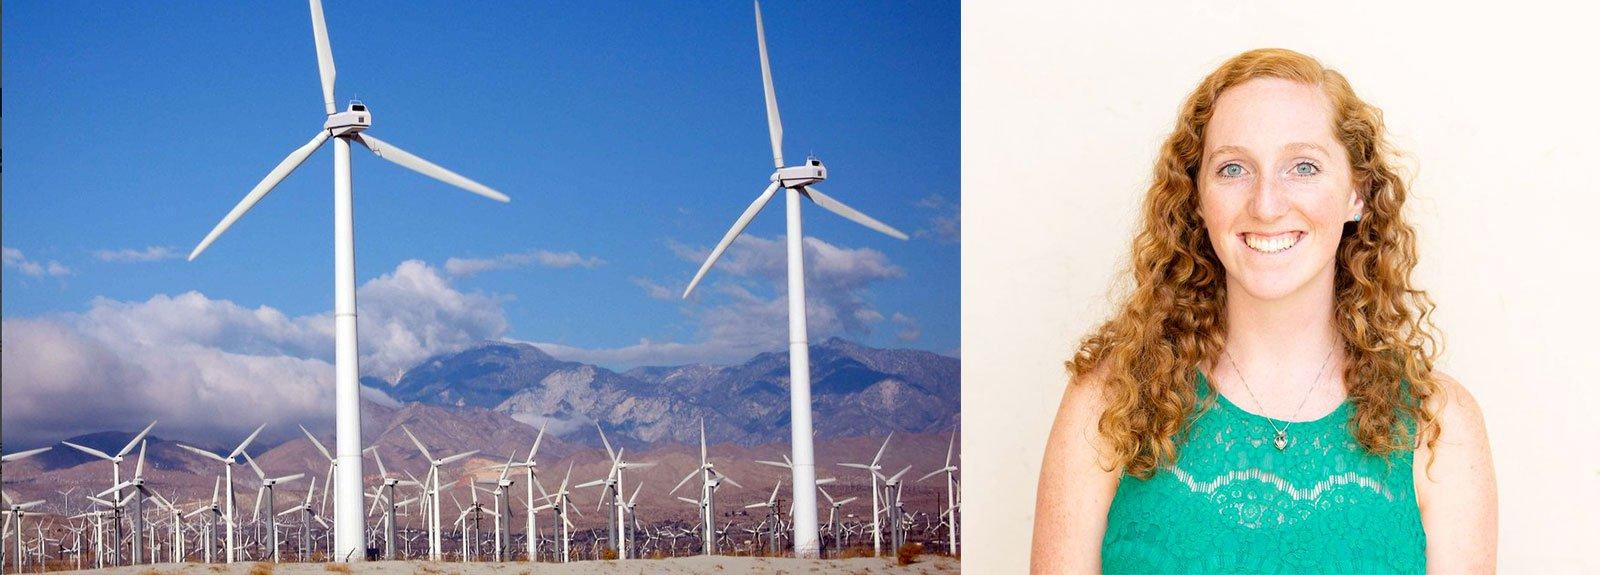 (L) Wind turbines (R) Grad student Jackie Dowling